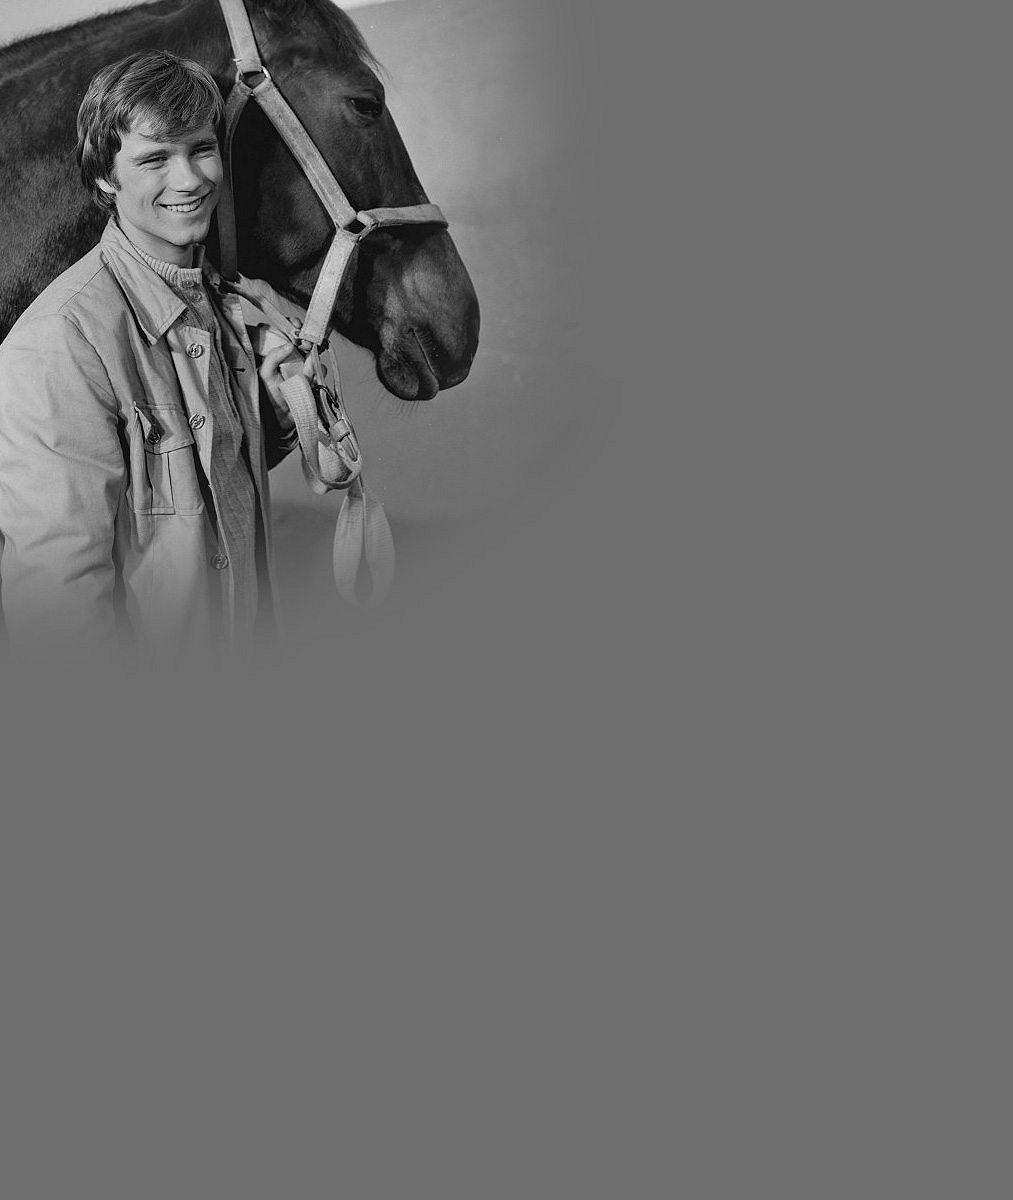 Byl to vážně kocour: Dvacetiletý Lukáš Vaculík na archivních fotkách